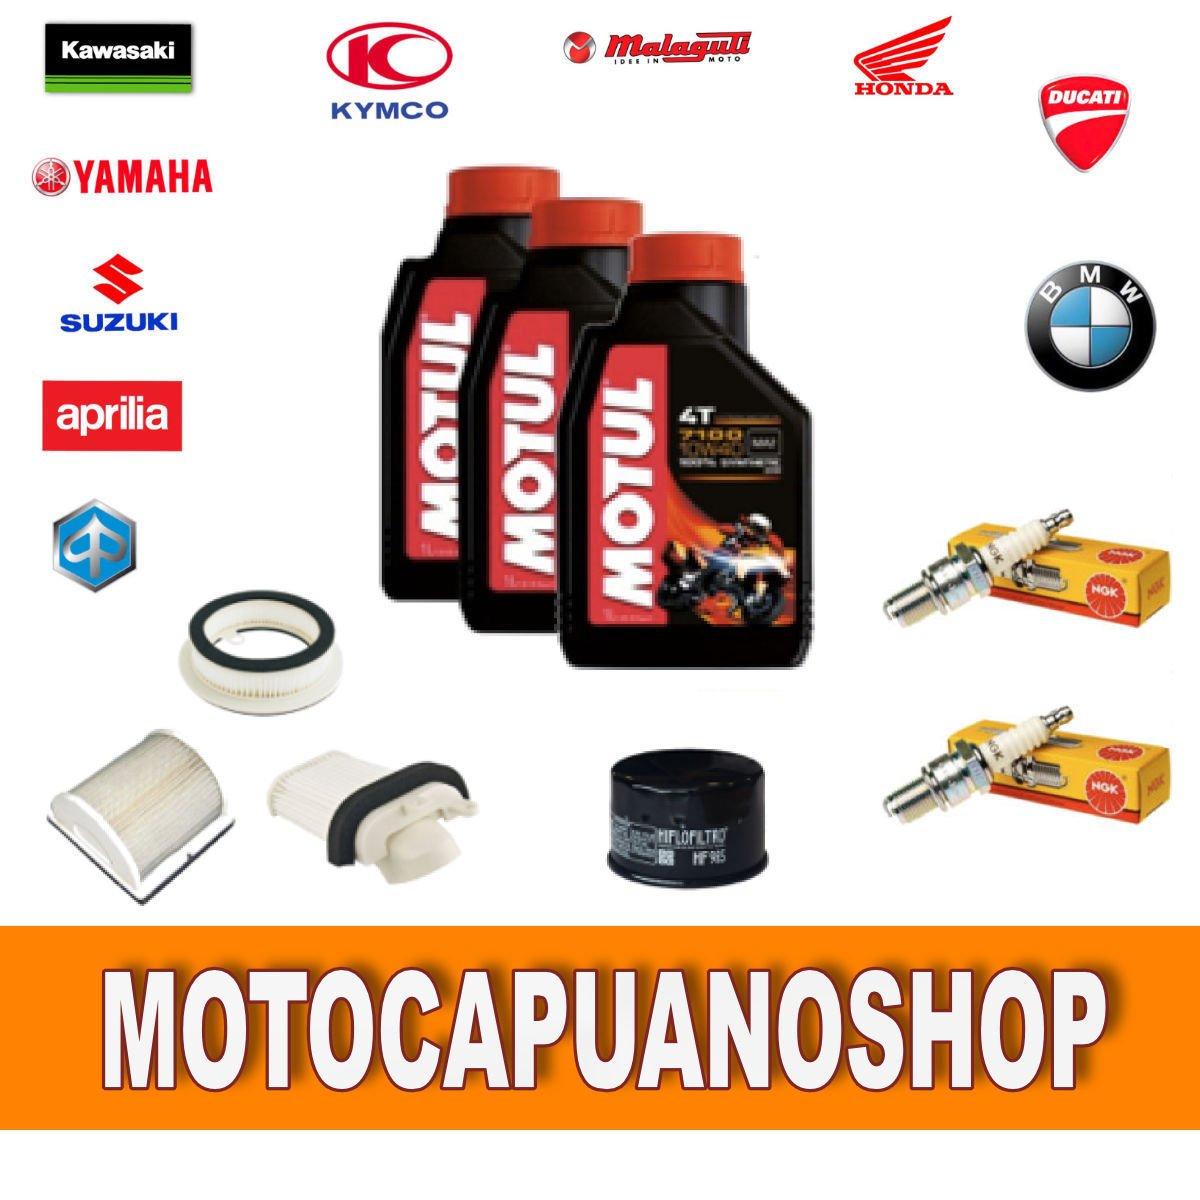 Kit de revisió n y cambio de aceite para motocicletas Yamaha T-MAX 500 formado por: aceite 7100, filtros y bují as 2004, 2005, 2006 y 2007 filtros y bujías 2004 MotoCapuano 151636980046